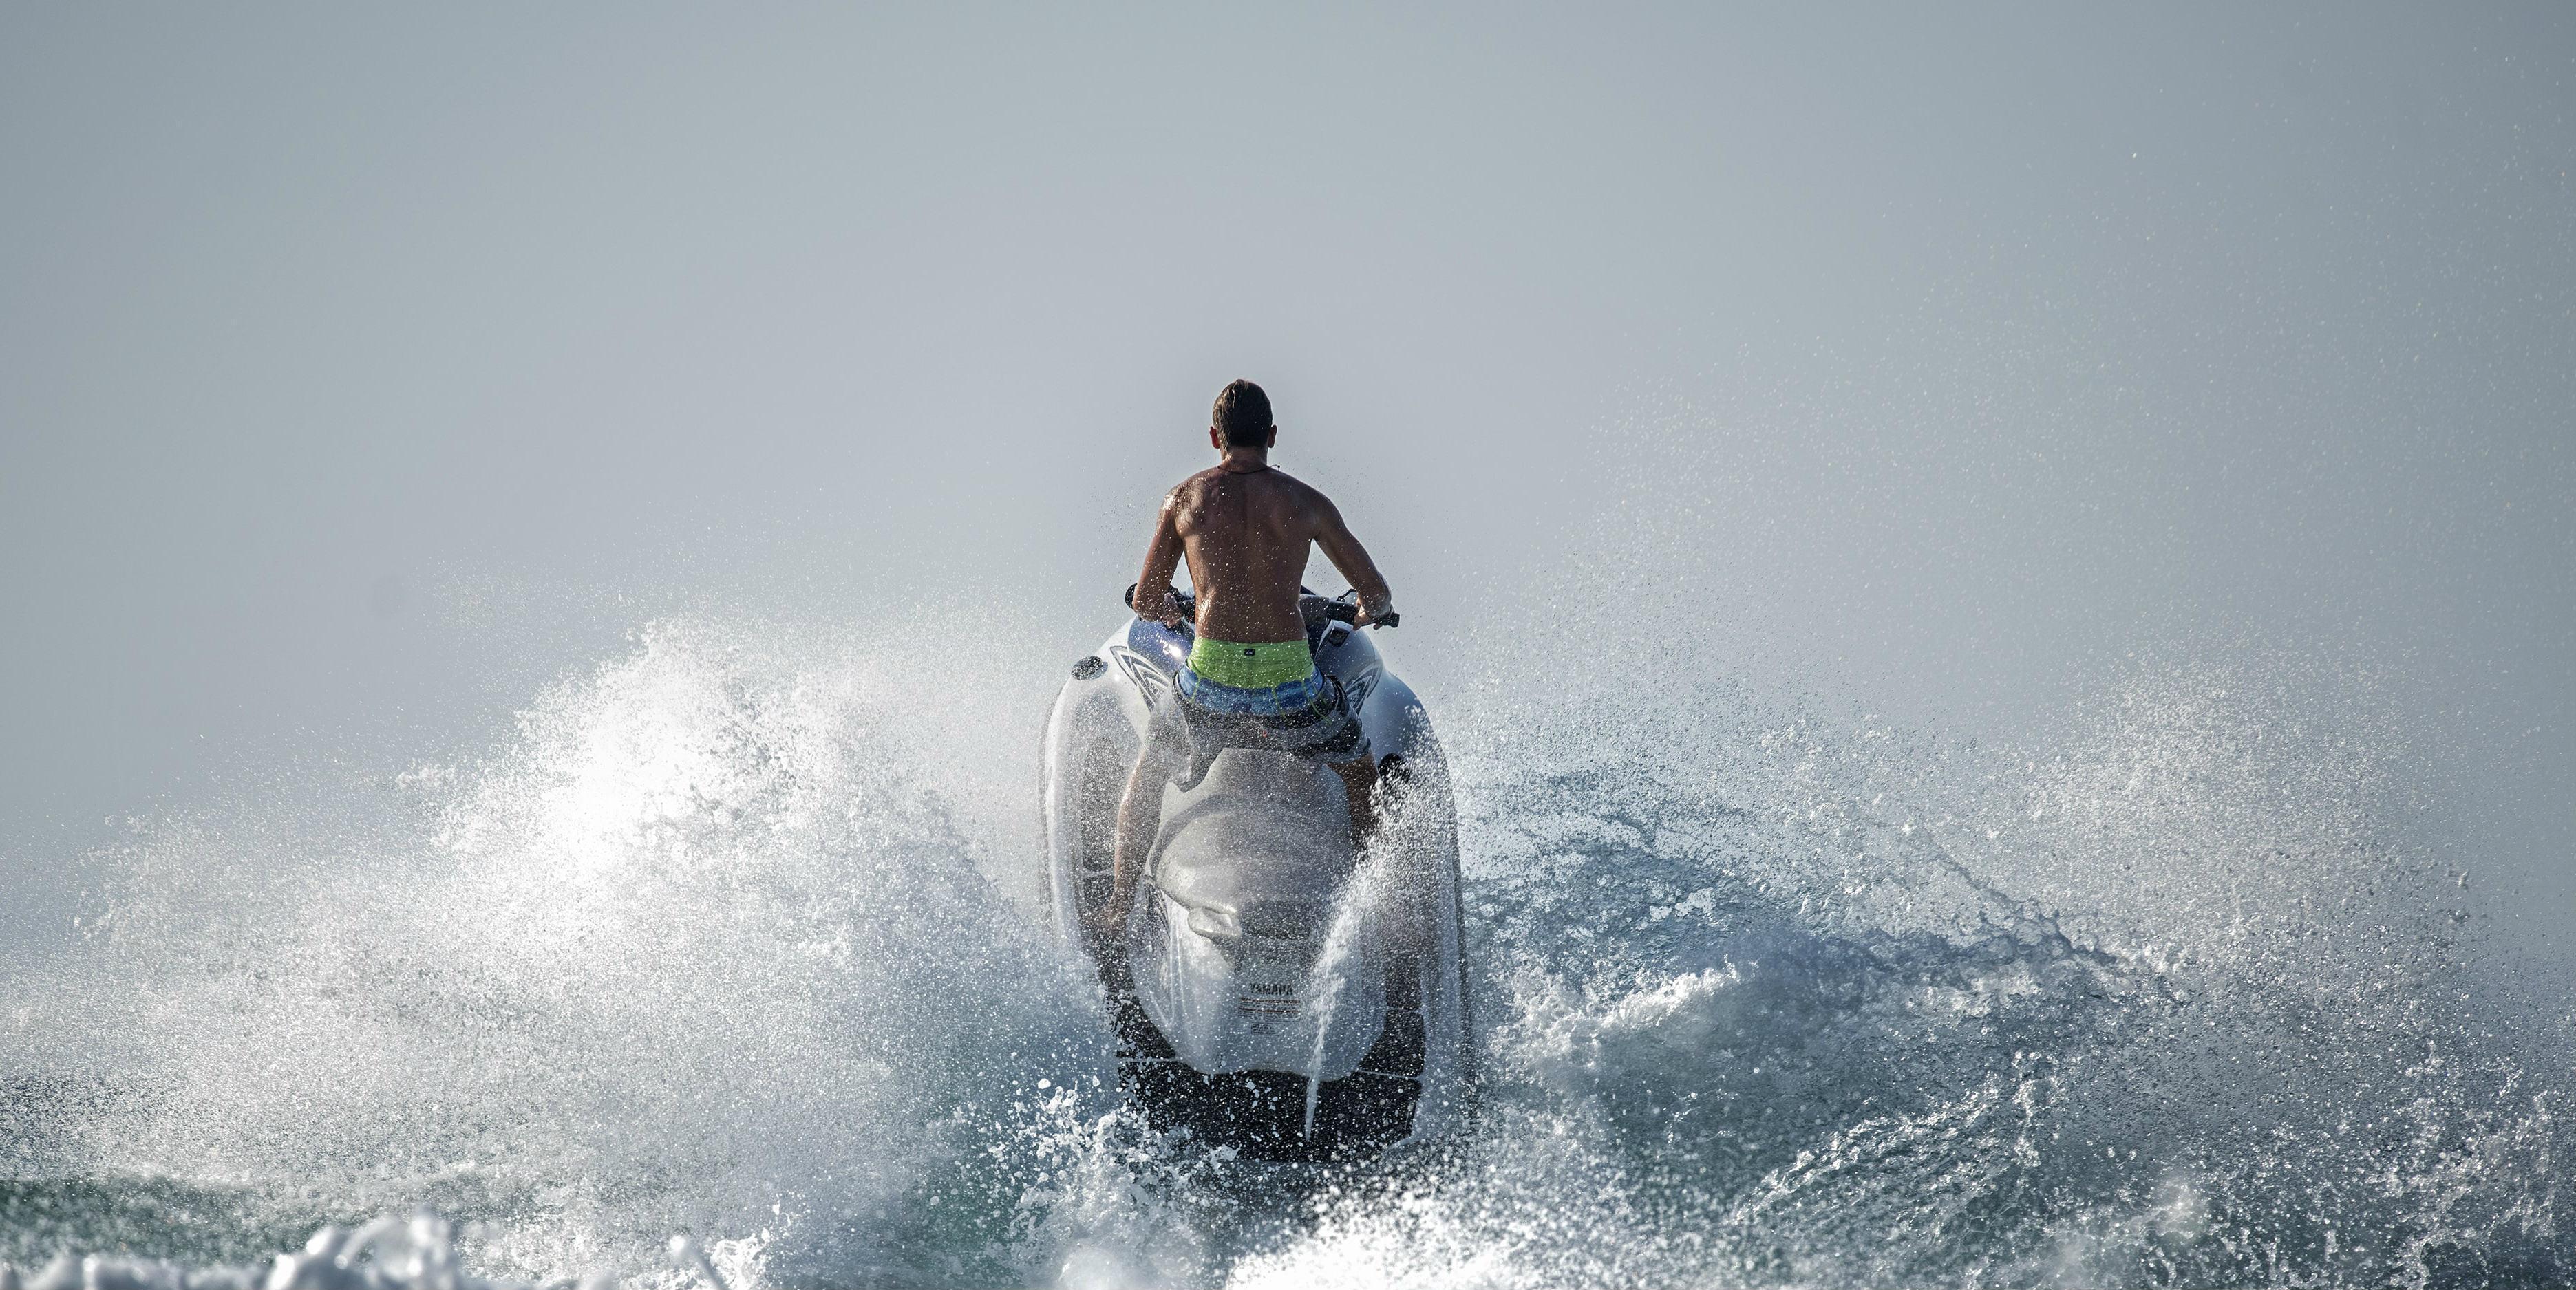 Jet Ski at Ixia Beach - 30 Minutes